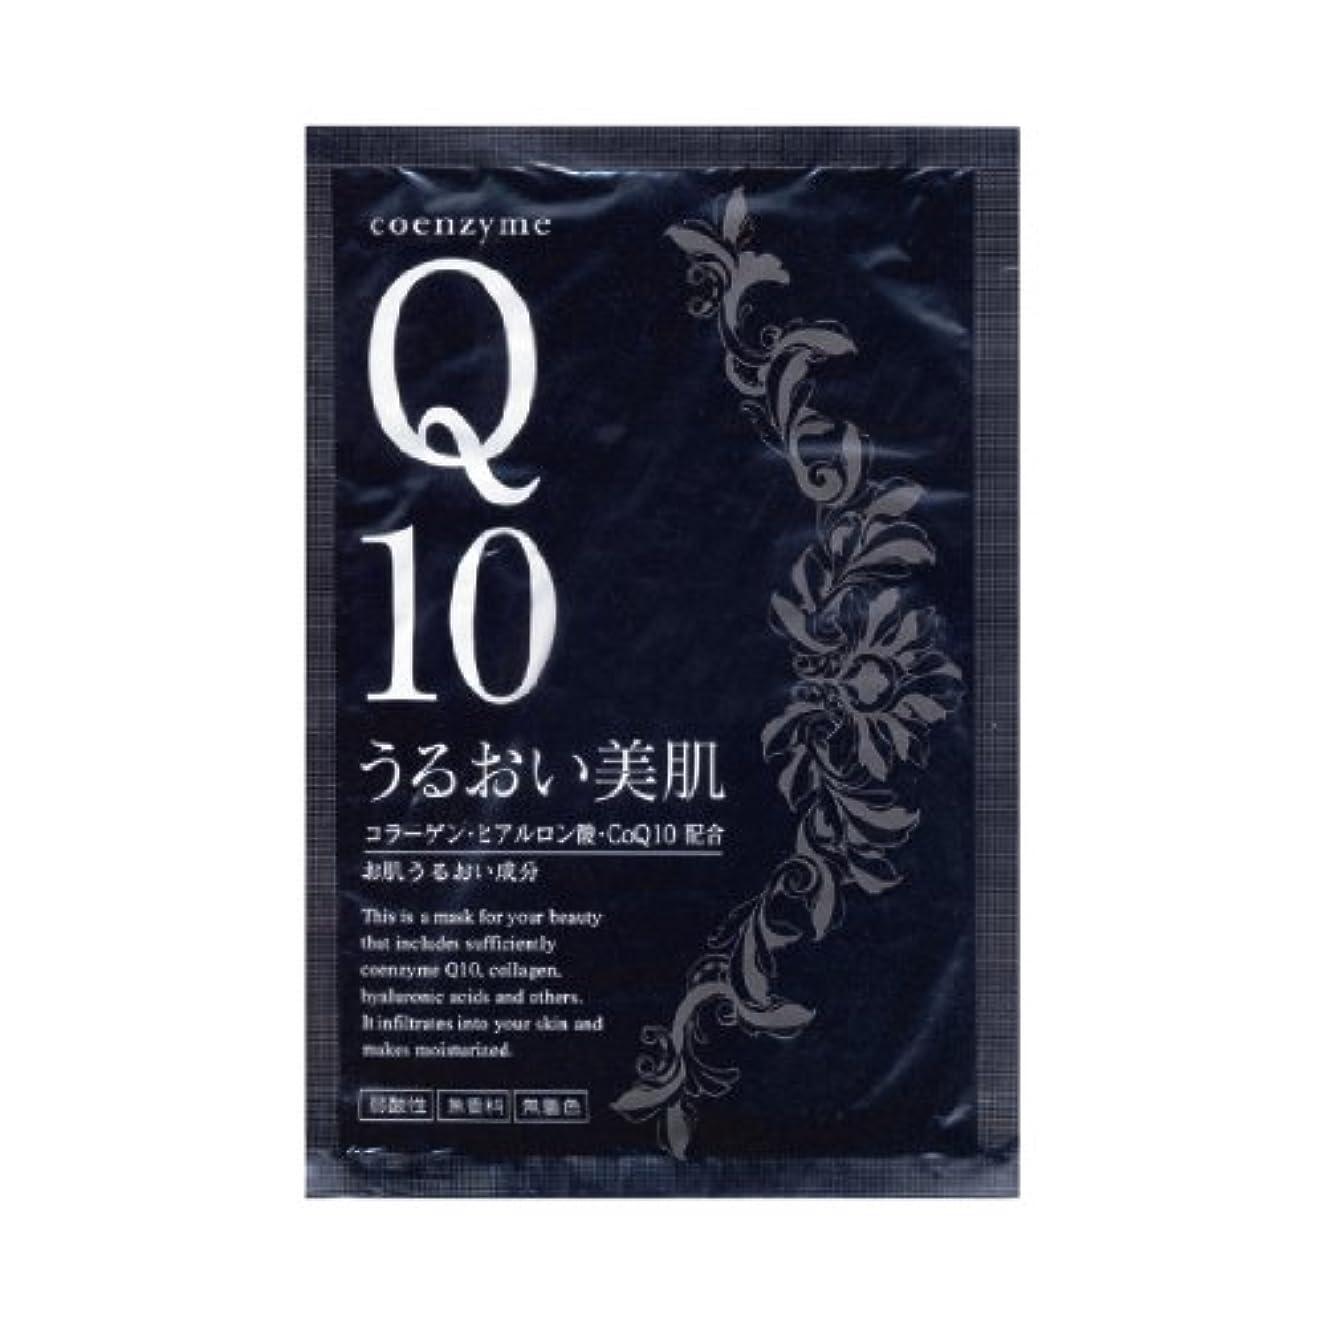 必要条件すごい靴下モイスチュアフェイシャルマスクQ10 たっぷり50枚 やっぱり安心日本製[おまけ付き]